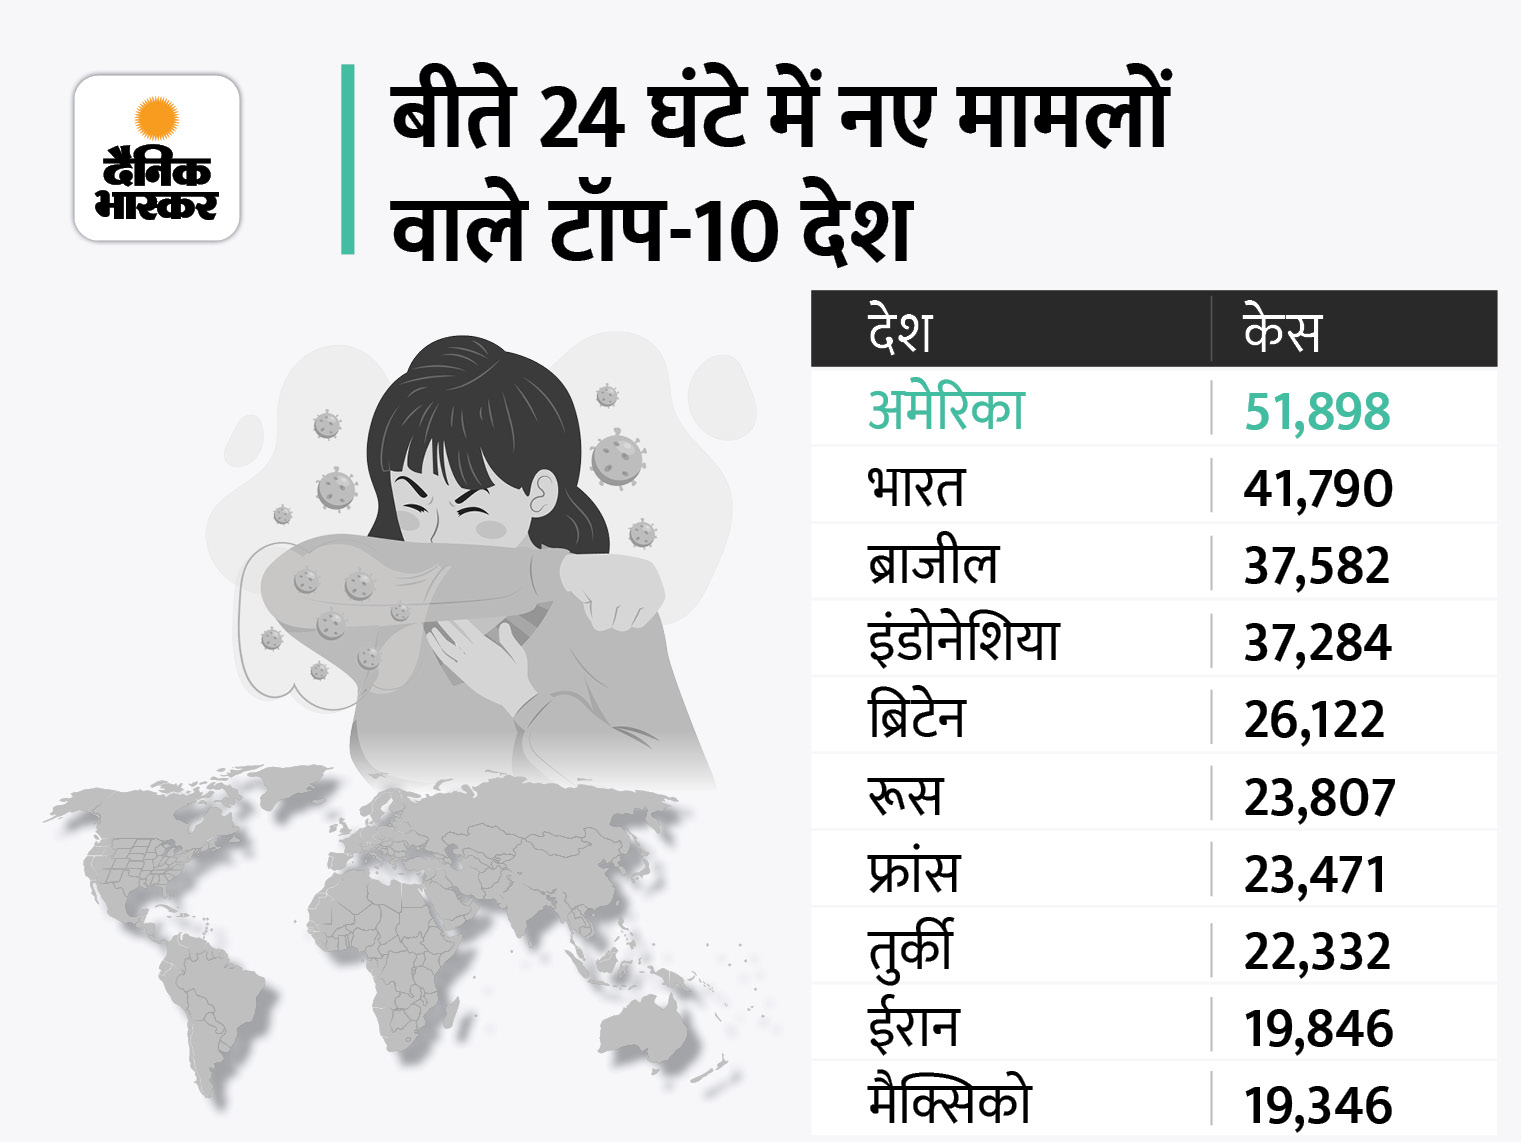 बीते दिन सामने आए 5.30 लाख नए मामले, 8772 लोगों की मौत; अमेरिका के मामलों में 50% गिरावट, फिर भी दुनिया में सबसे ज्यादा विदेश,International - Dainik Bhaskar